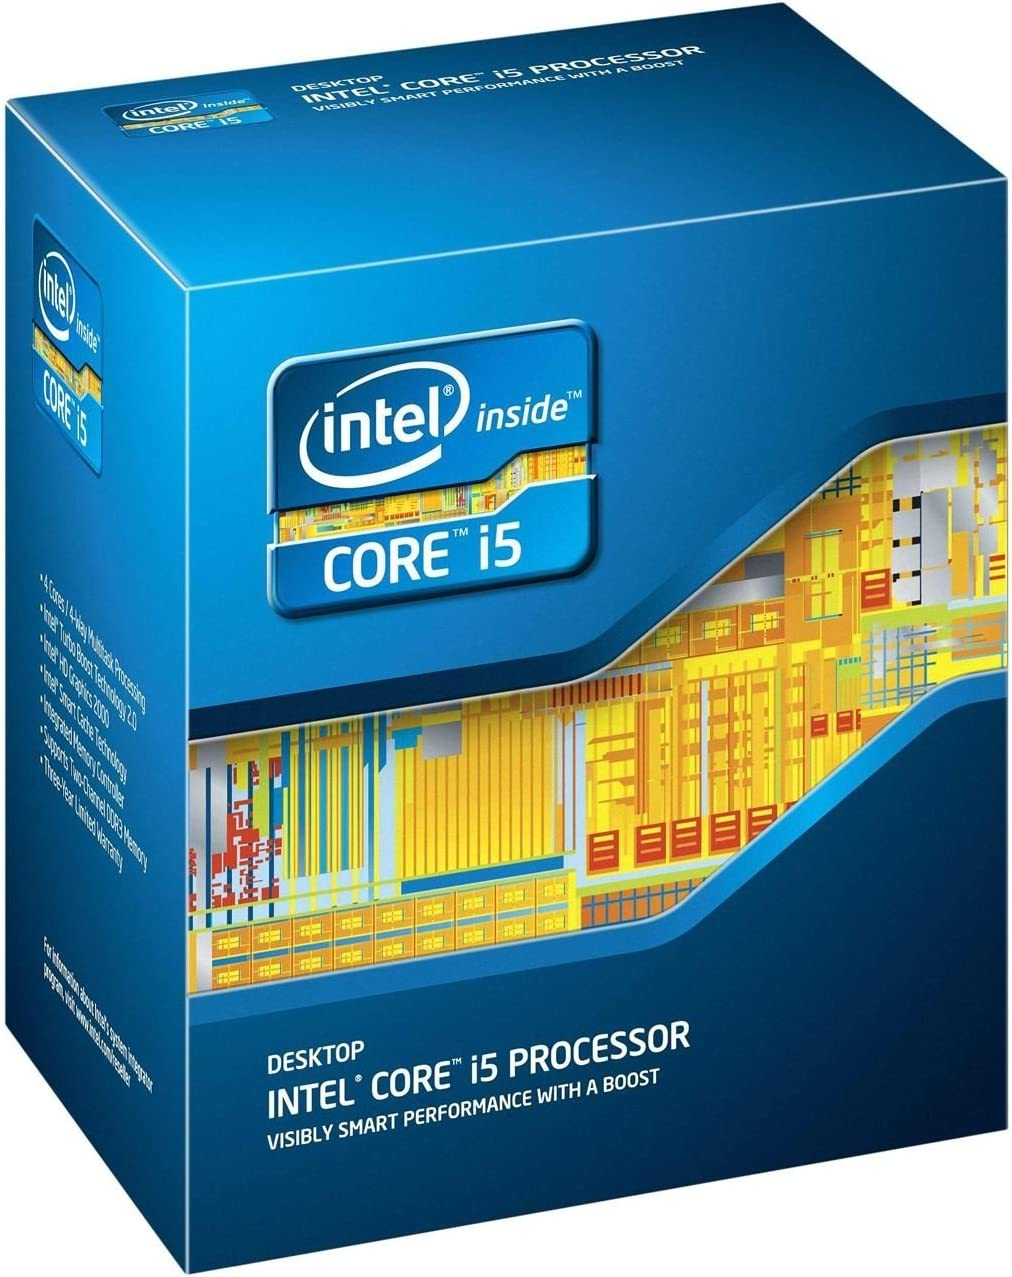 Intel Core i5-4430 Quad-Core Desktop Processor 3.0 GHz 6 MB Cache LGA 1150 - BX80646I54430 (Renewed)